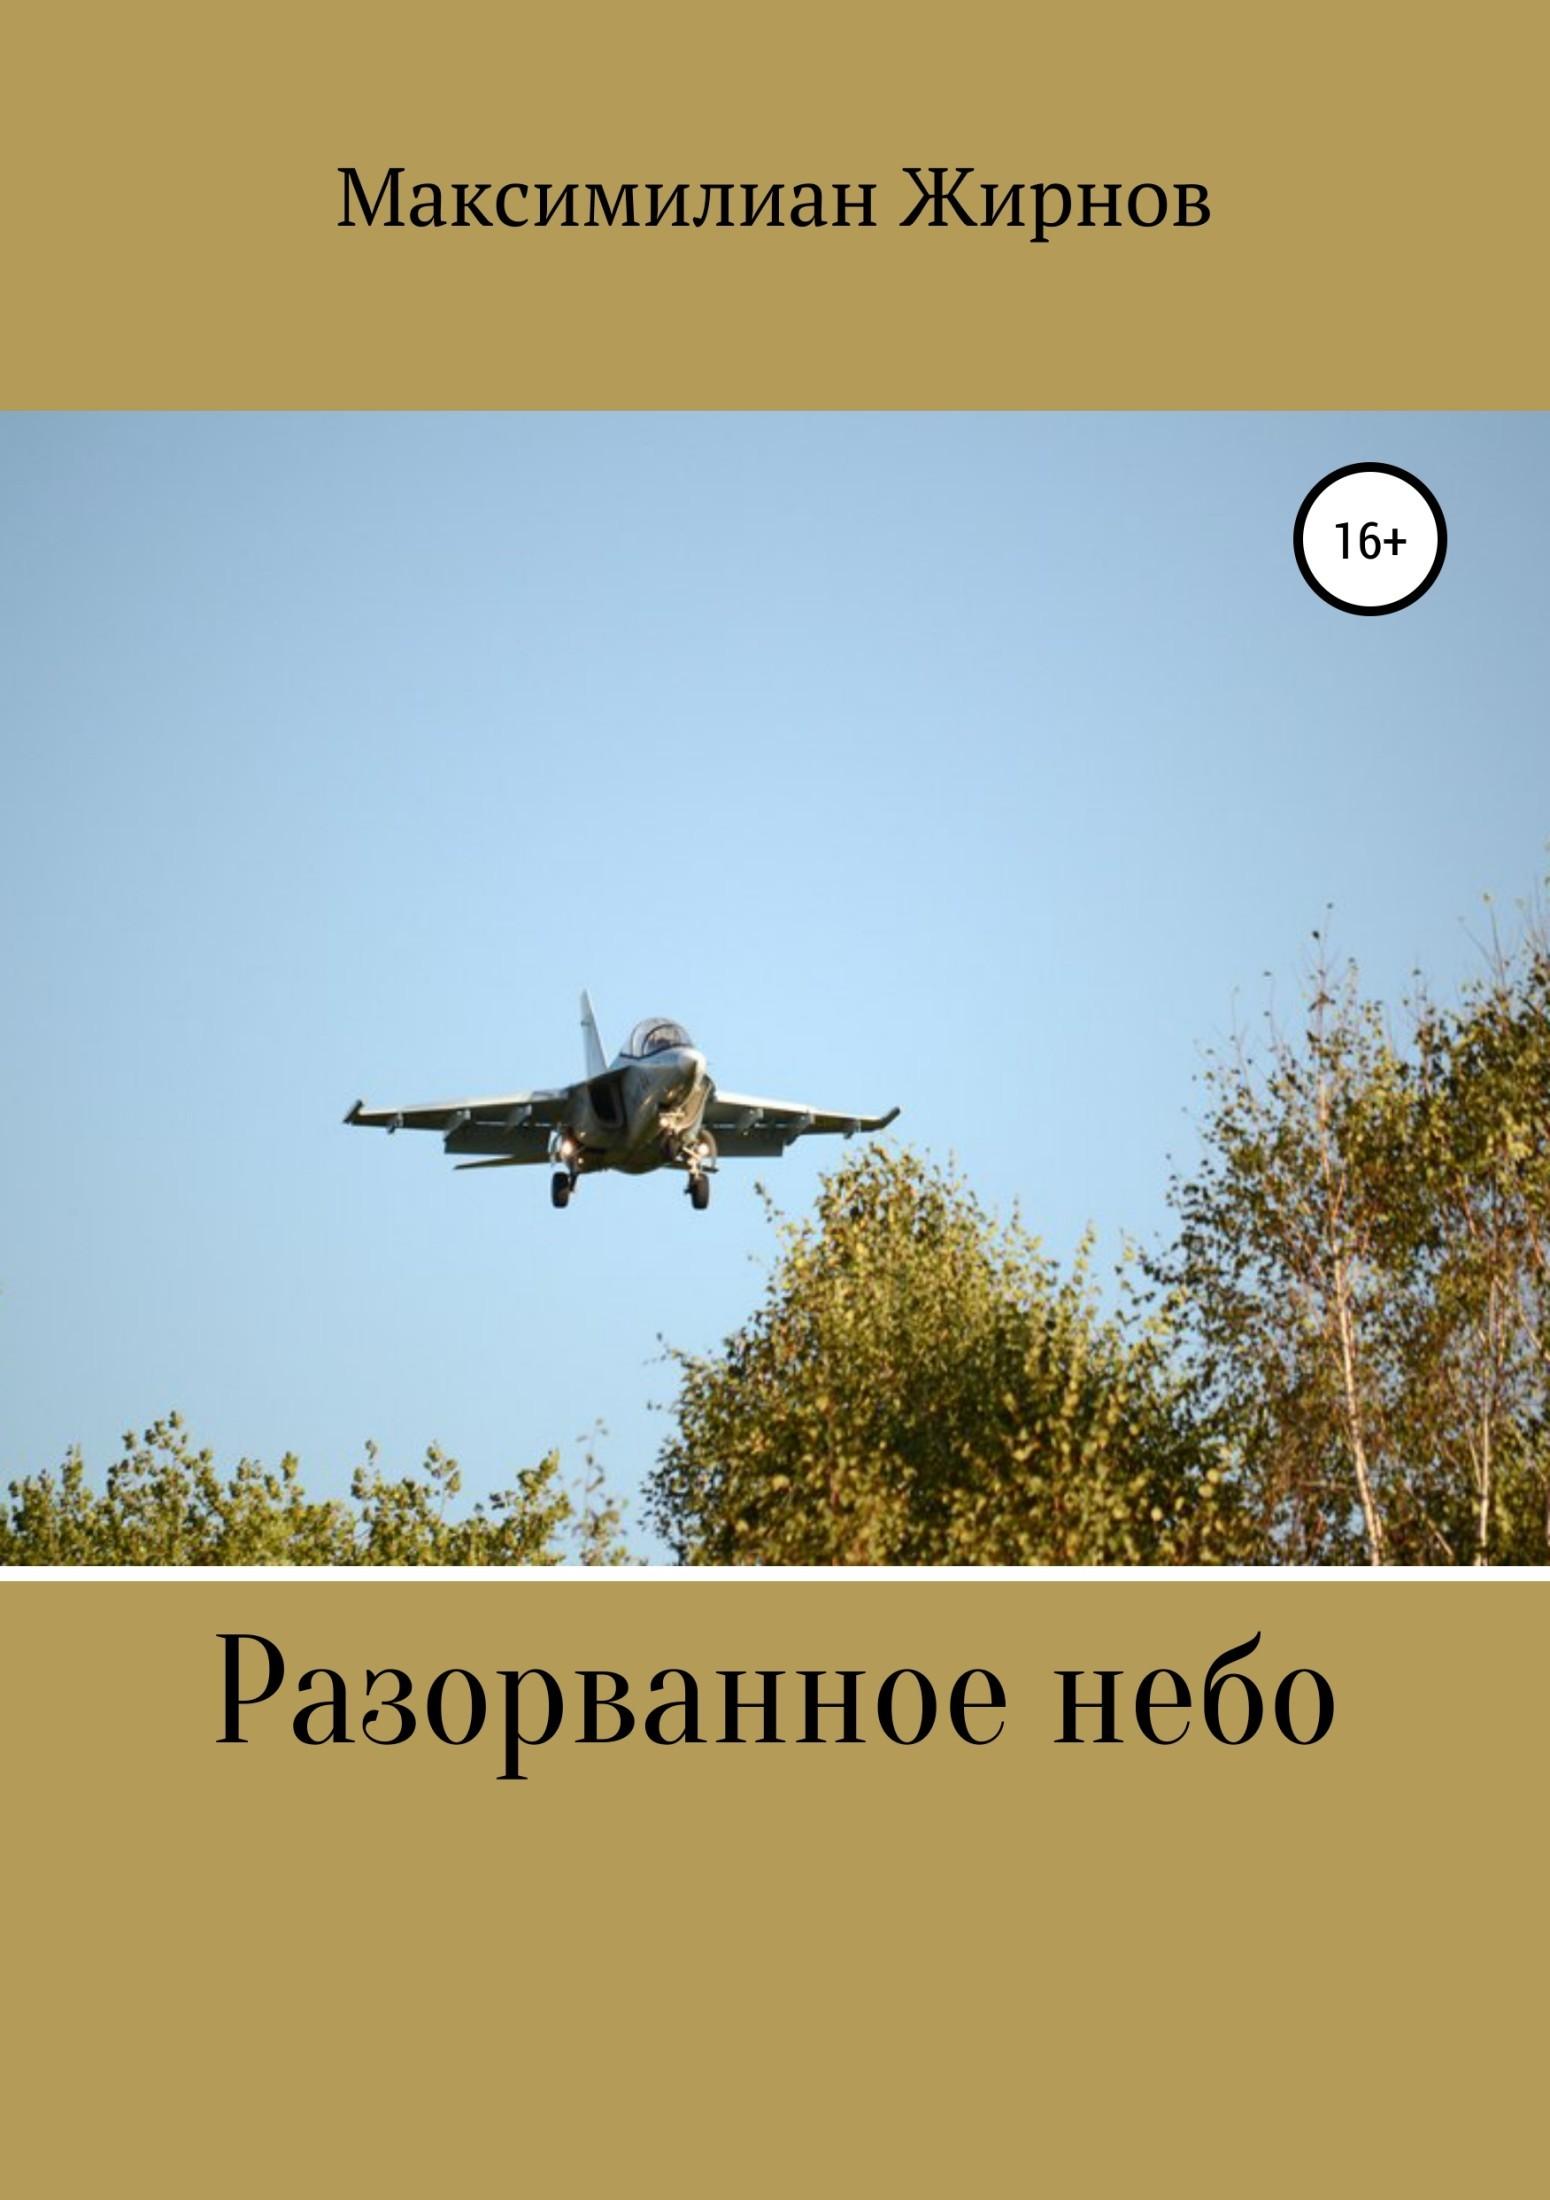 Максимилиан Жирнов «Разорванное небо»